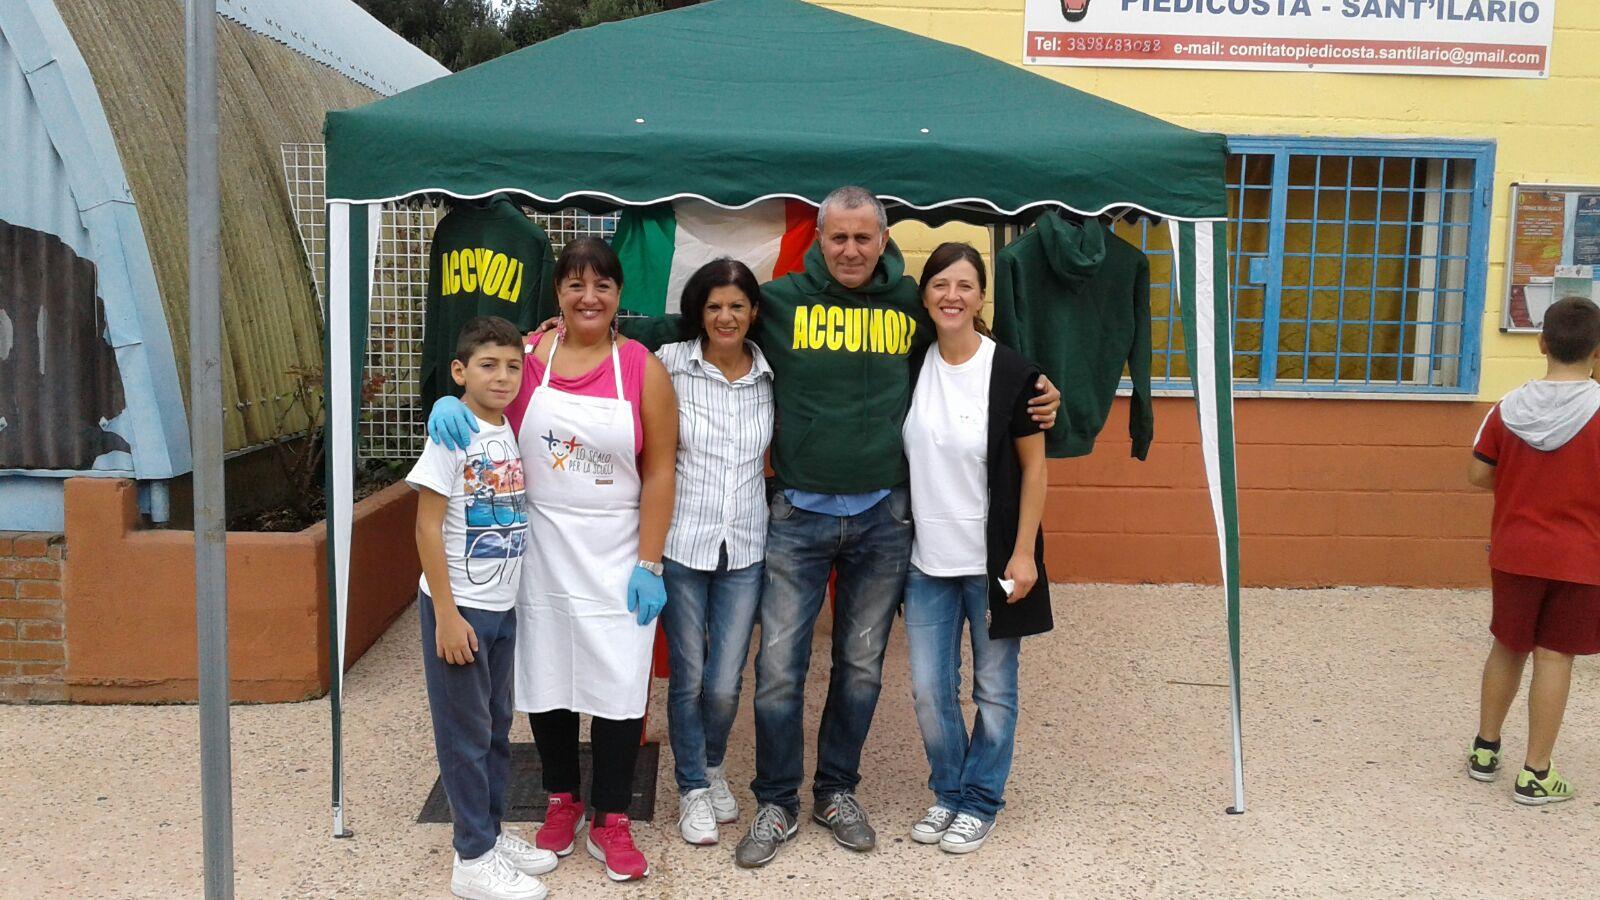 Associazione Piedicosta - Monterotondo